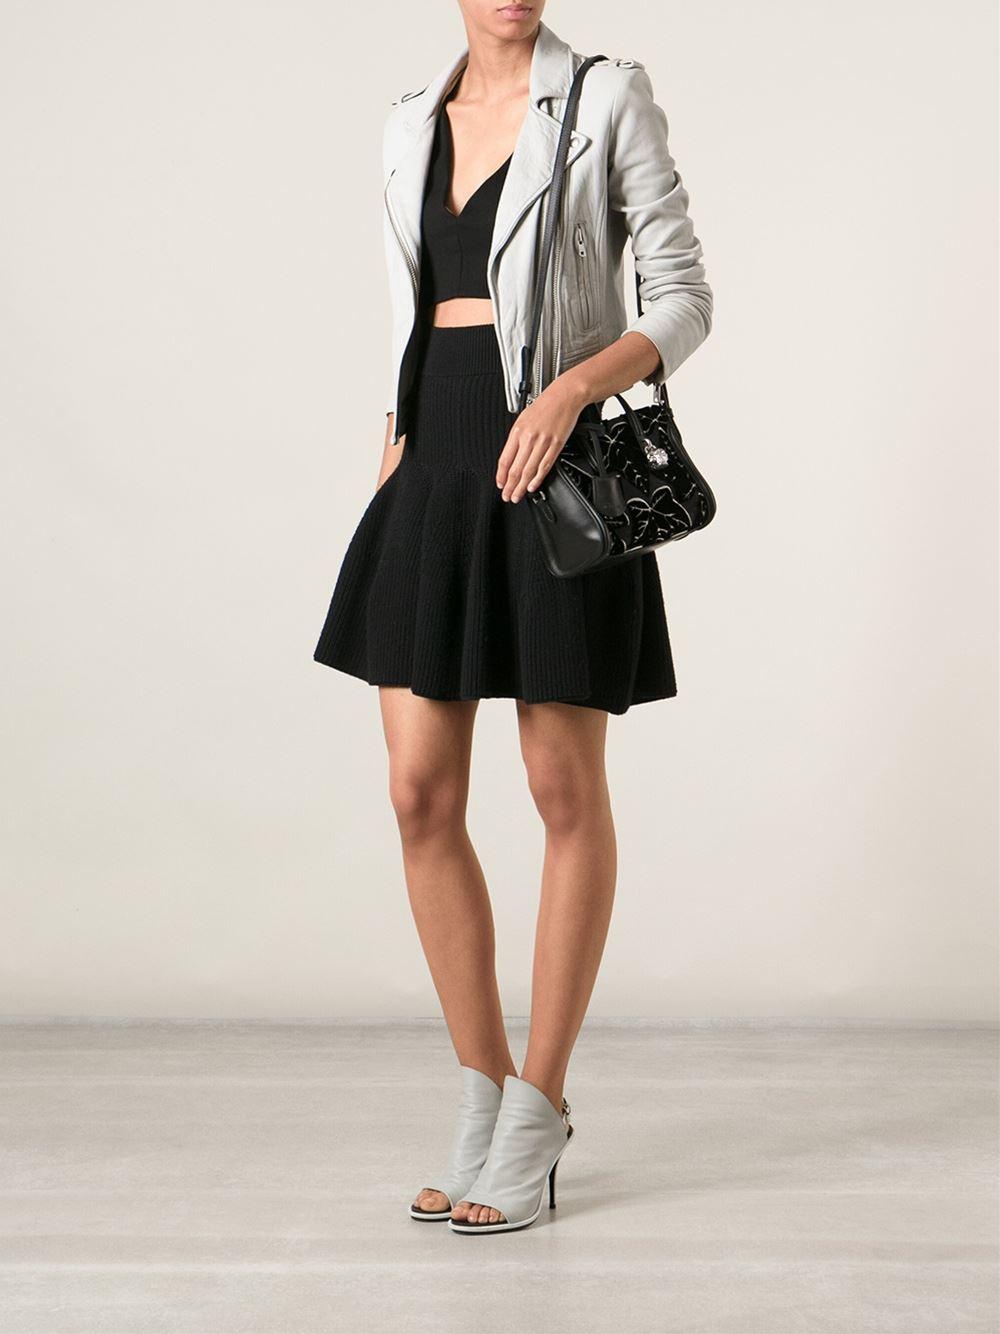 fc0dc59d0a864 Alexander McQueen Mini 'Padlock' Ivy Shoulder Bag in Black - Lyst